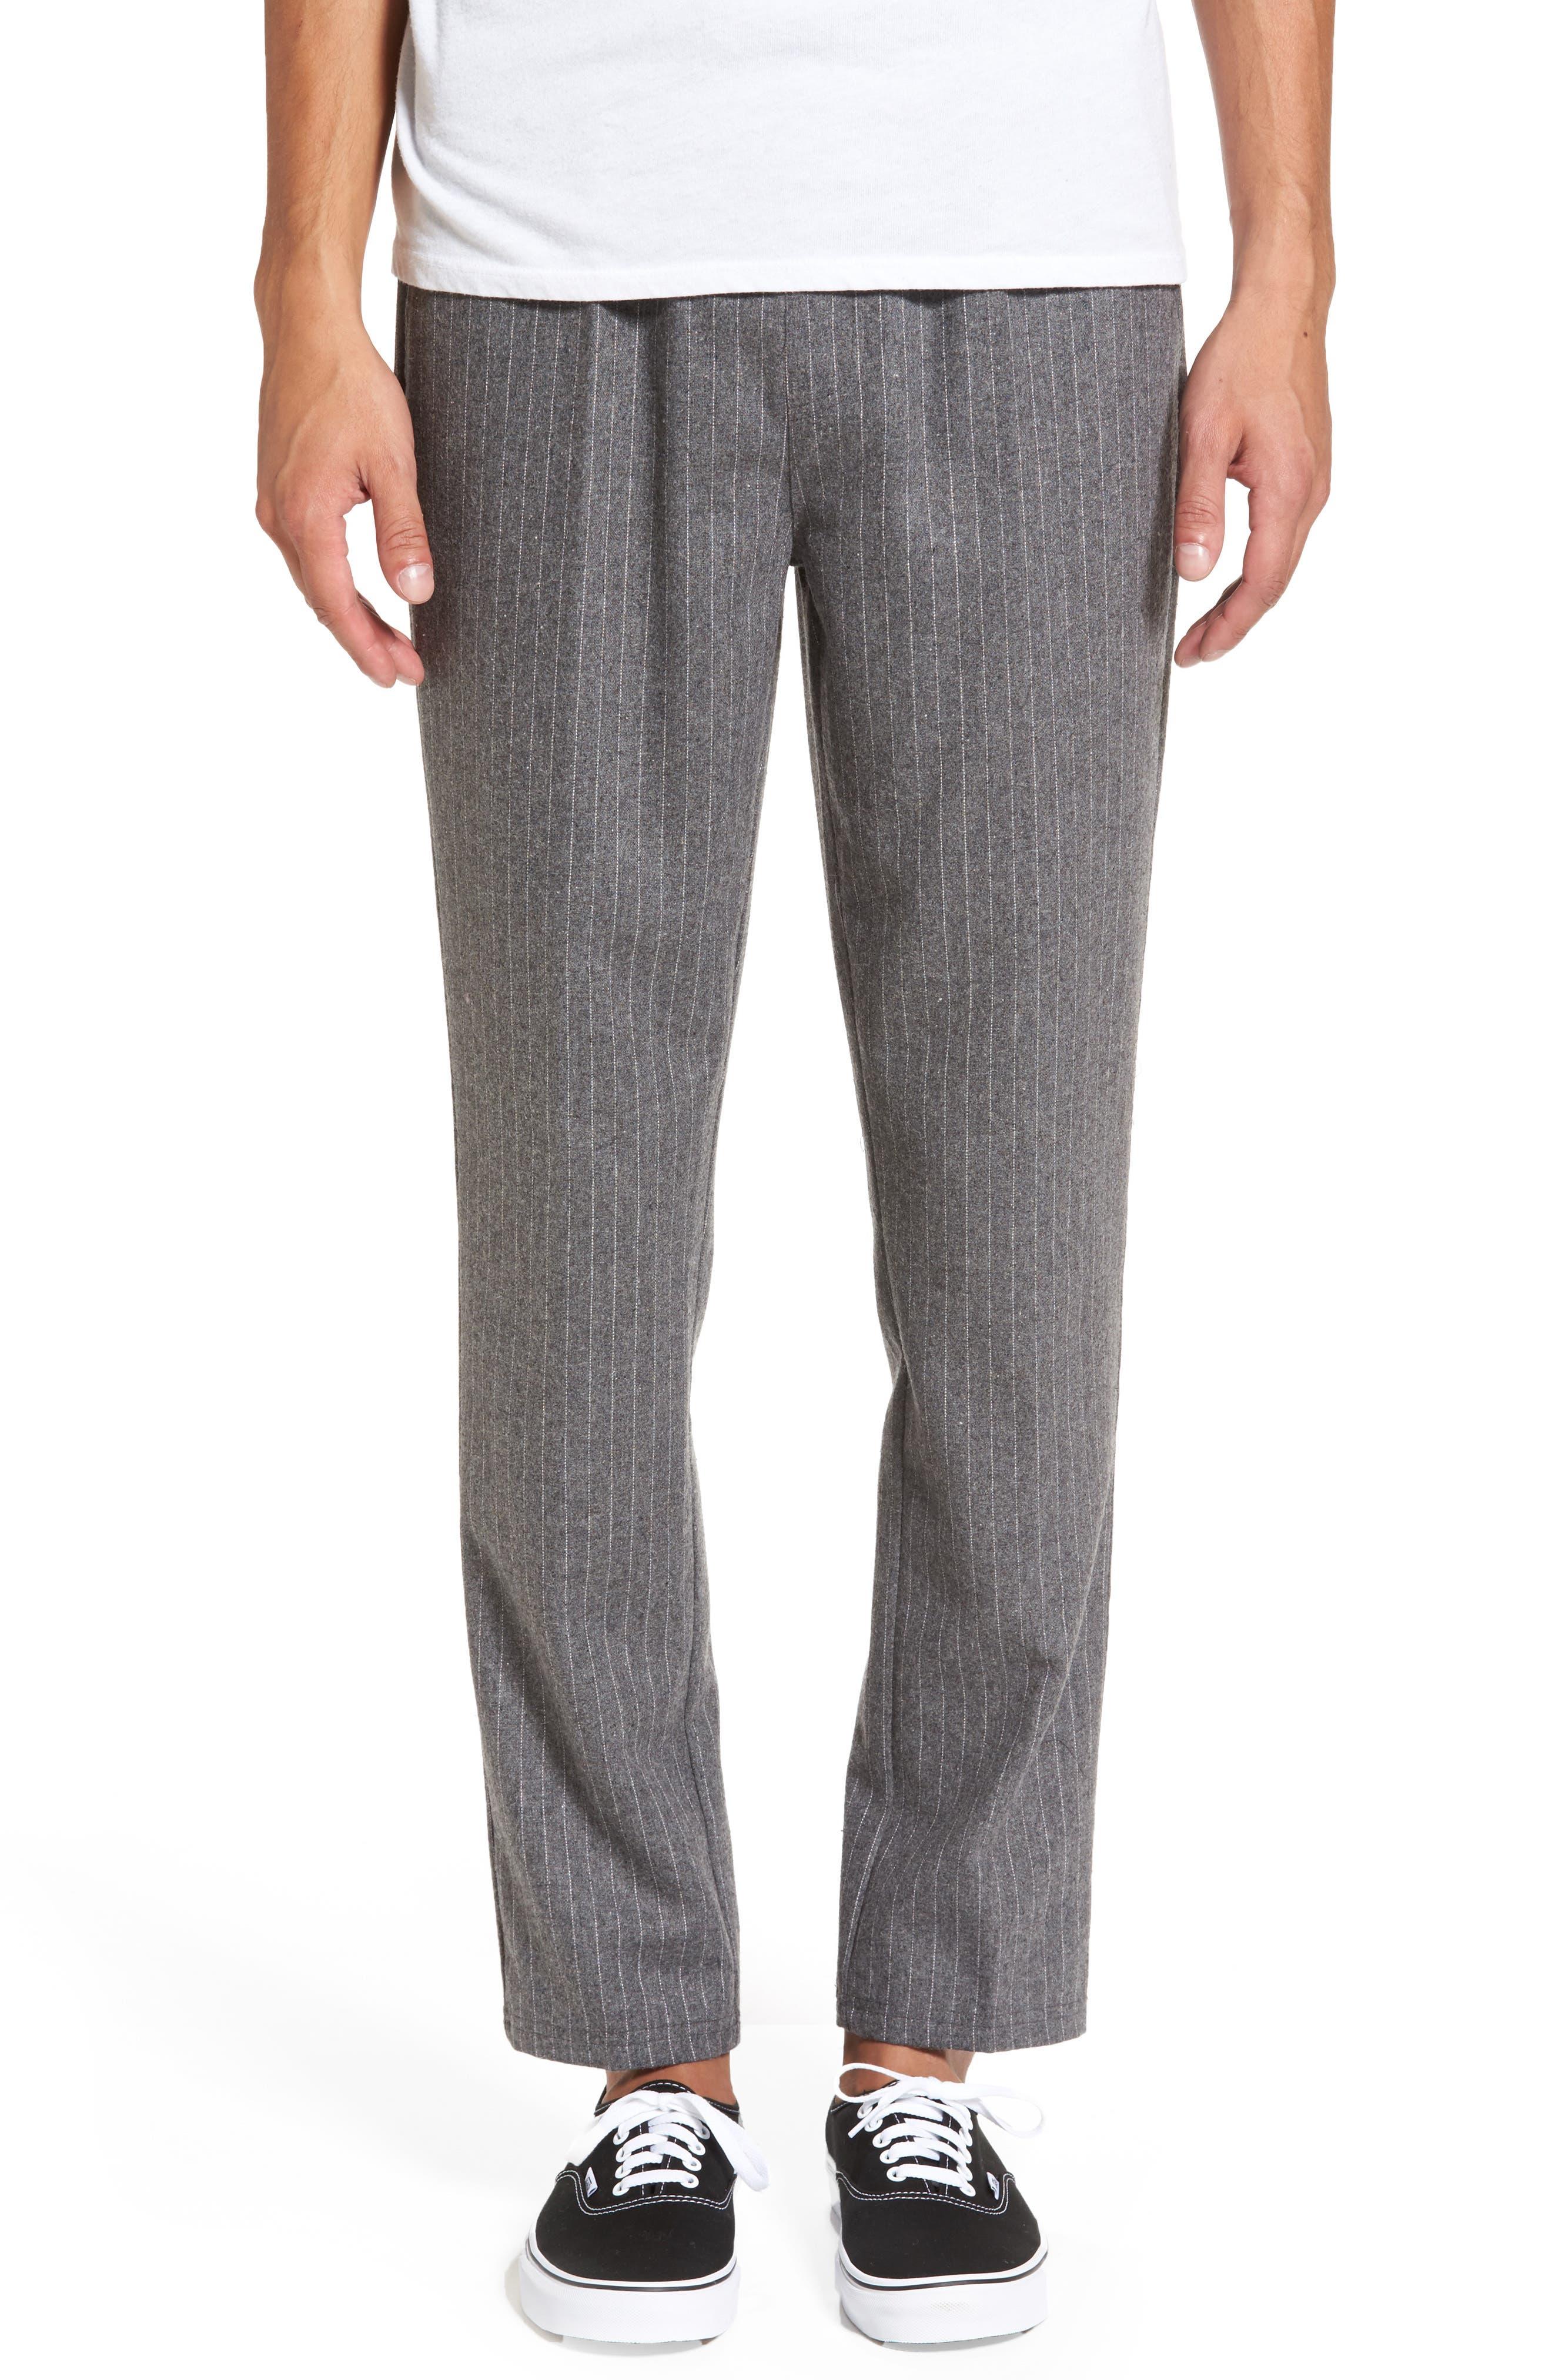 Pennyworth Pants,                             Main thumbnail 1, color,                             Charcoal Pinstripe